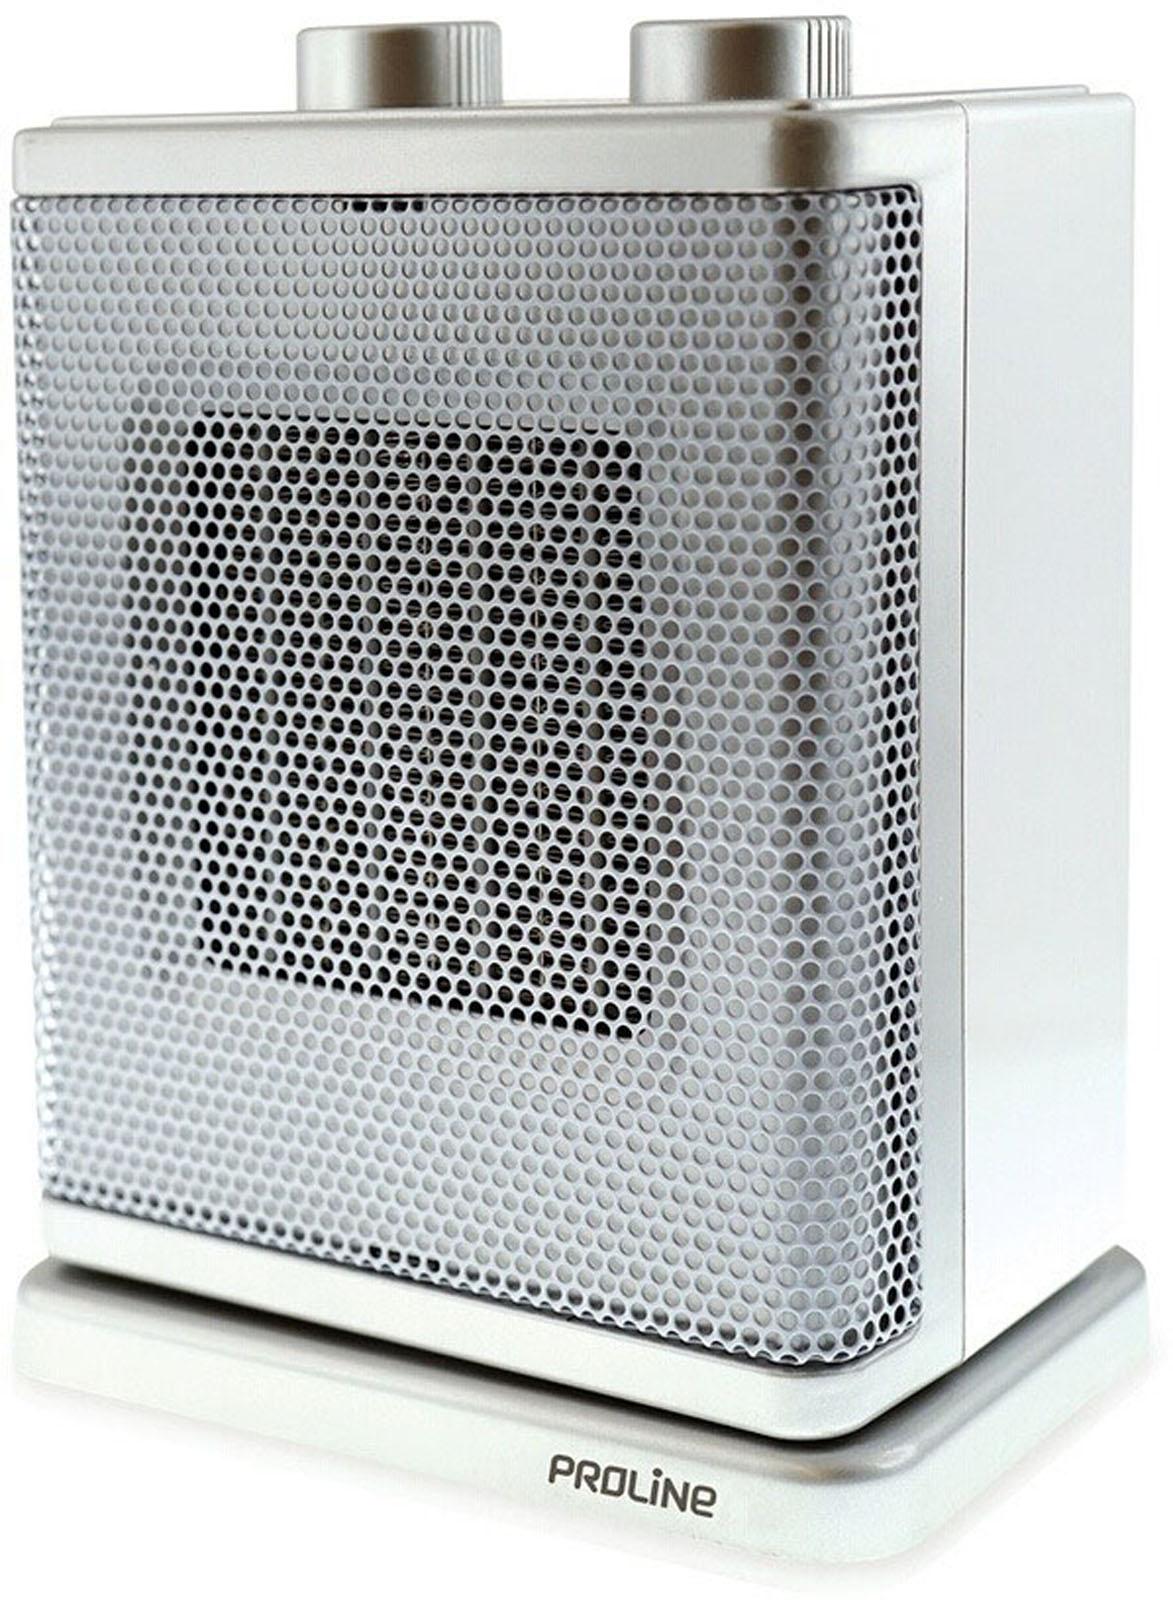 Proline keramische verwarming CH1800S - Prijsvergelijk